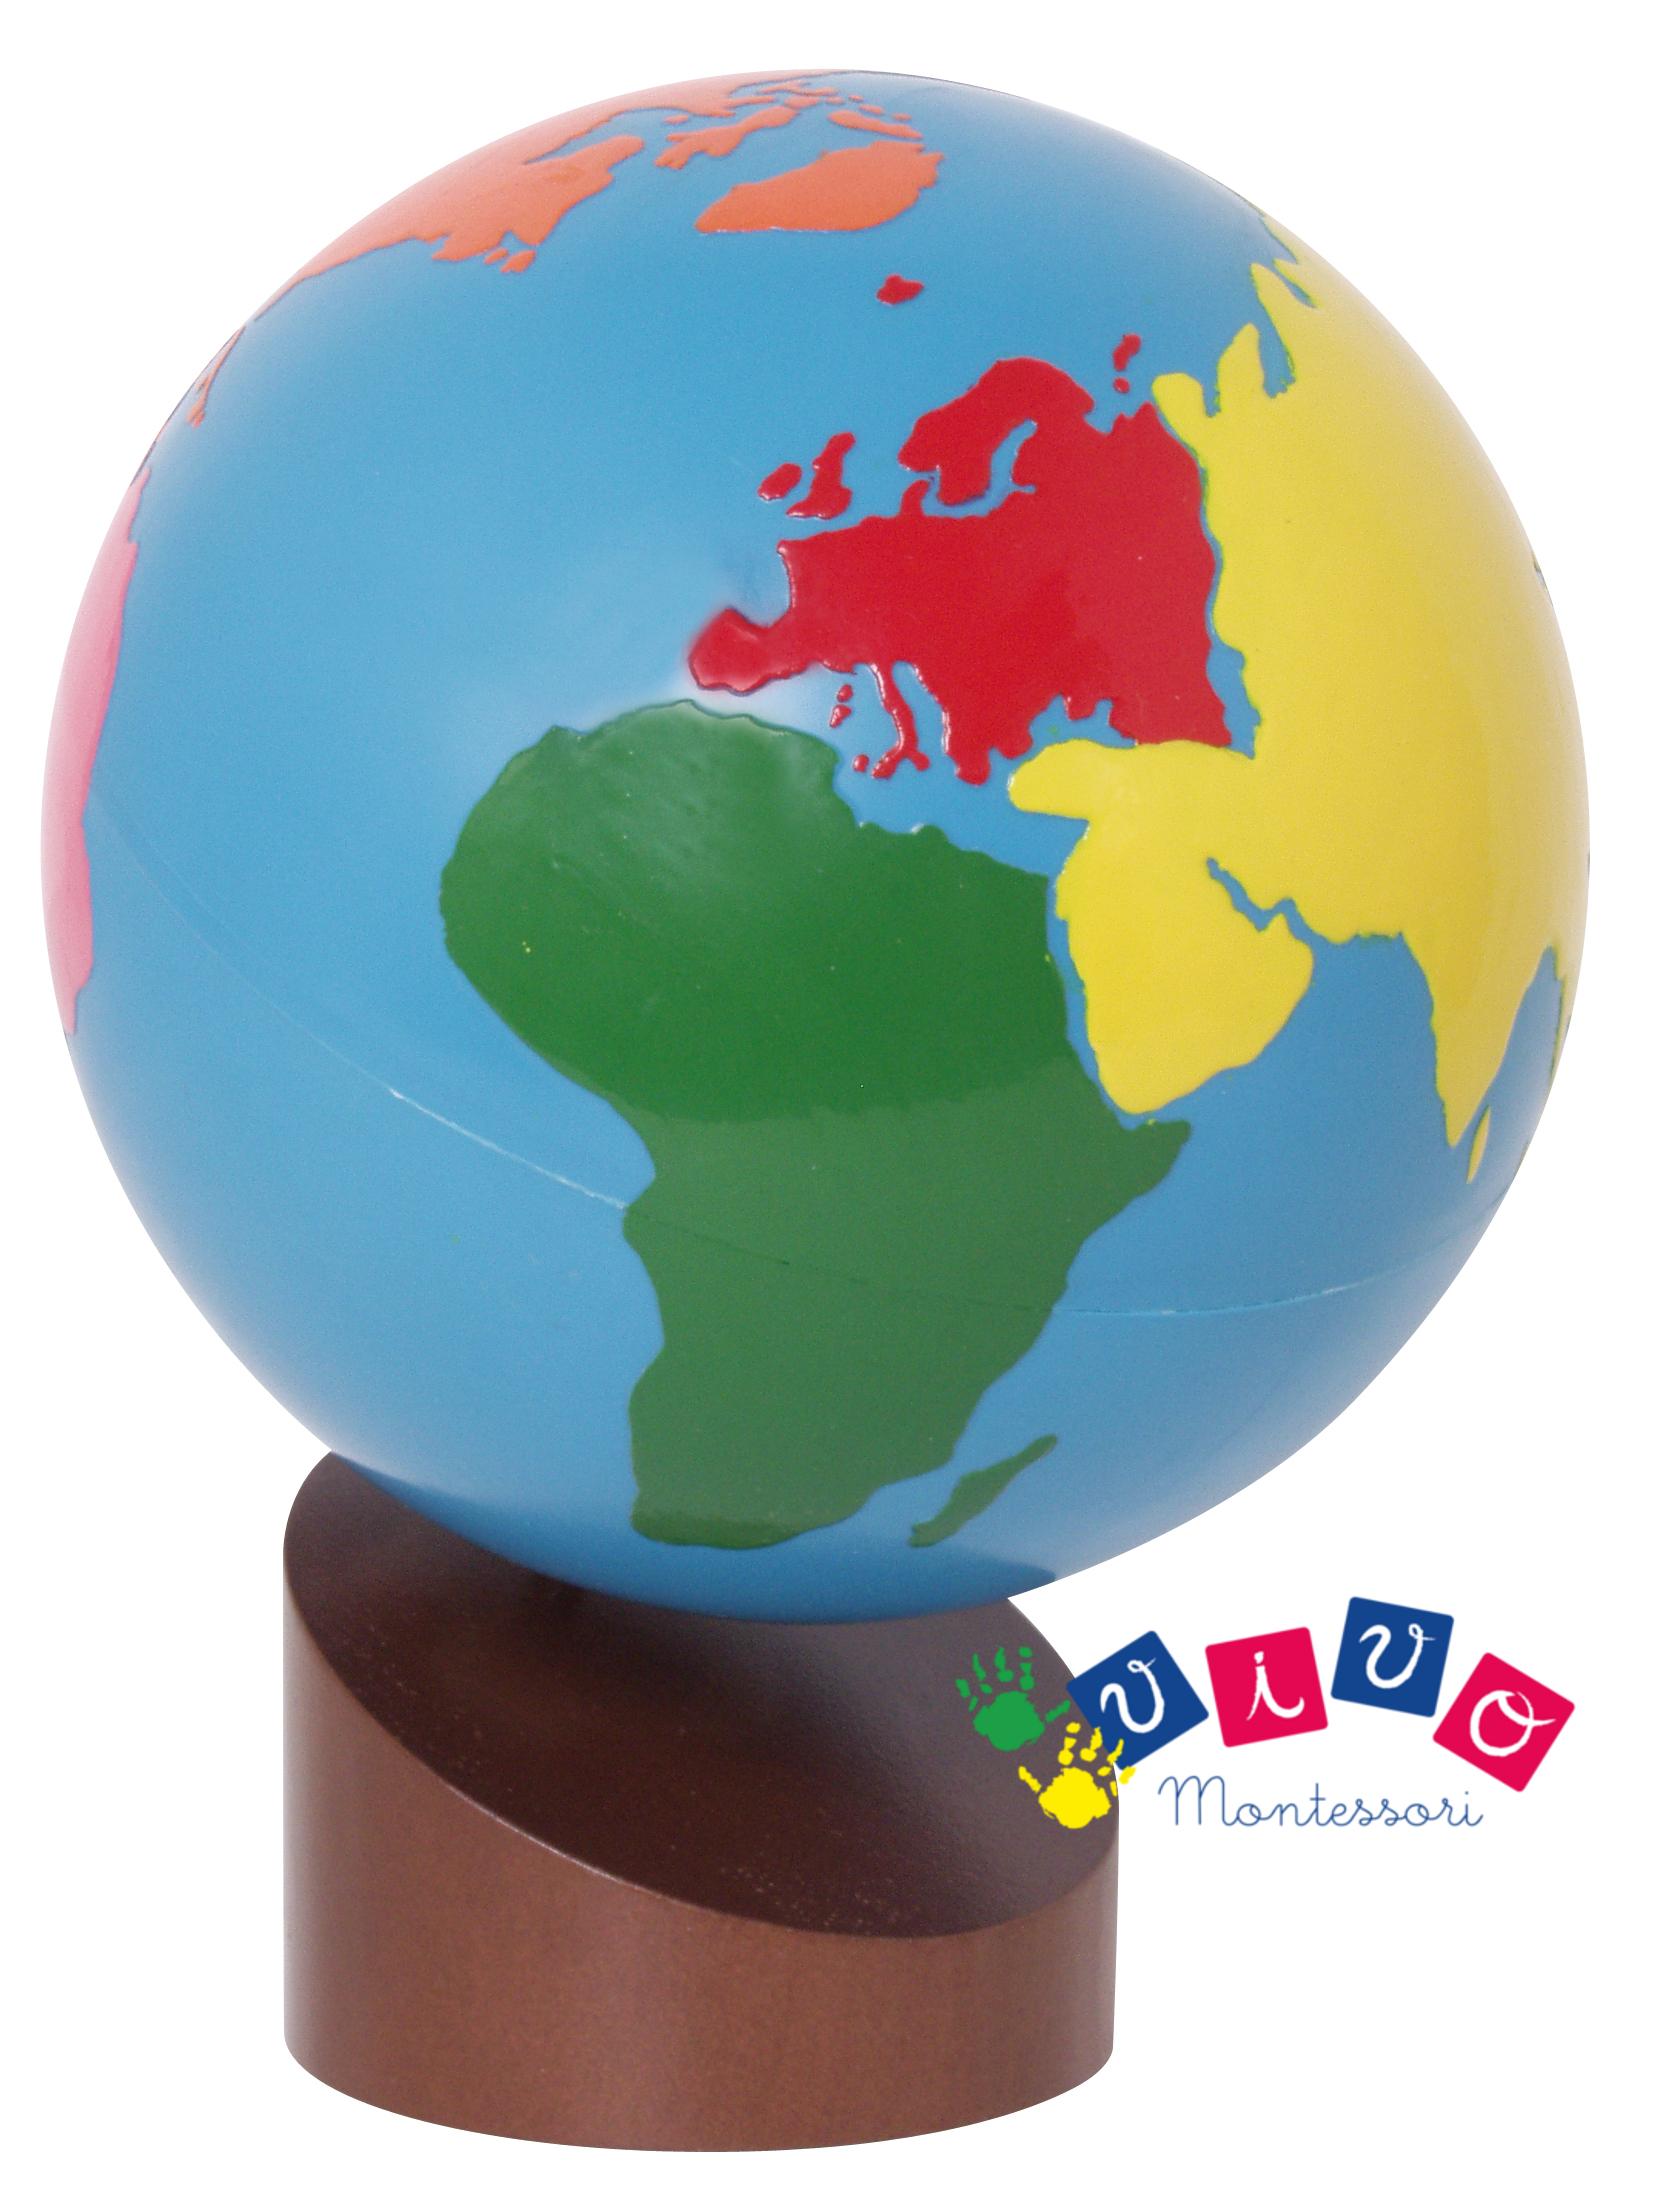 globo continenti vivo montessori